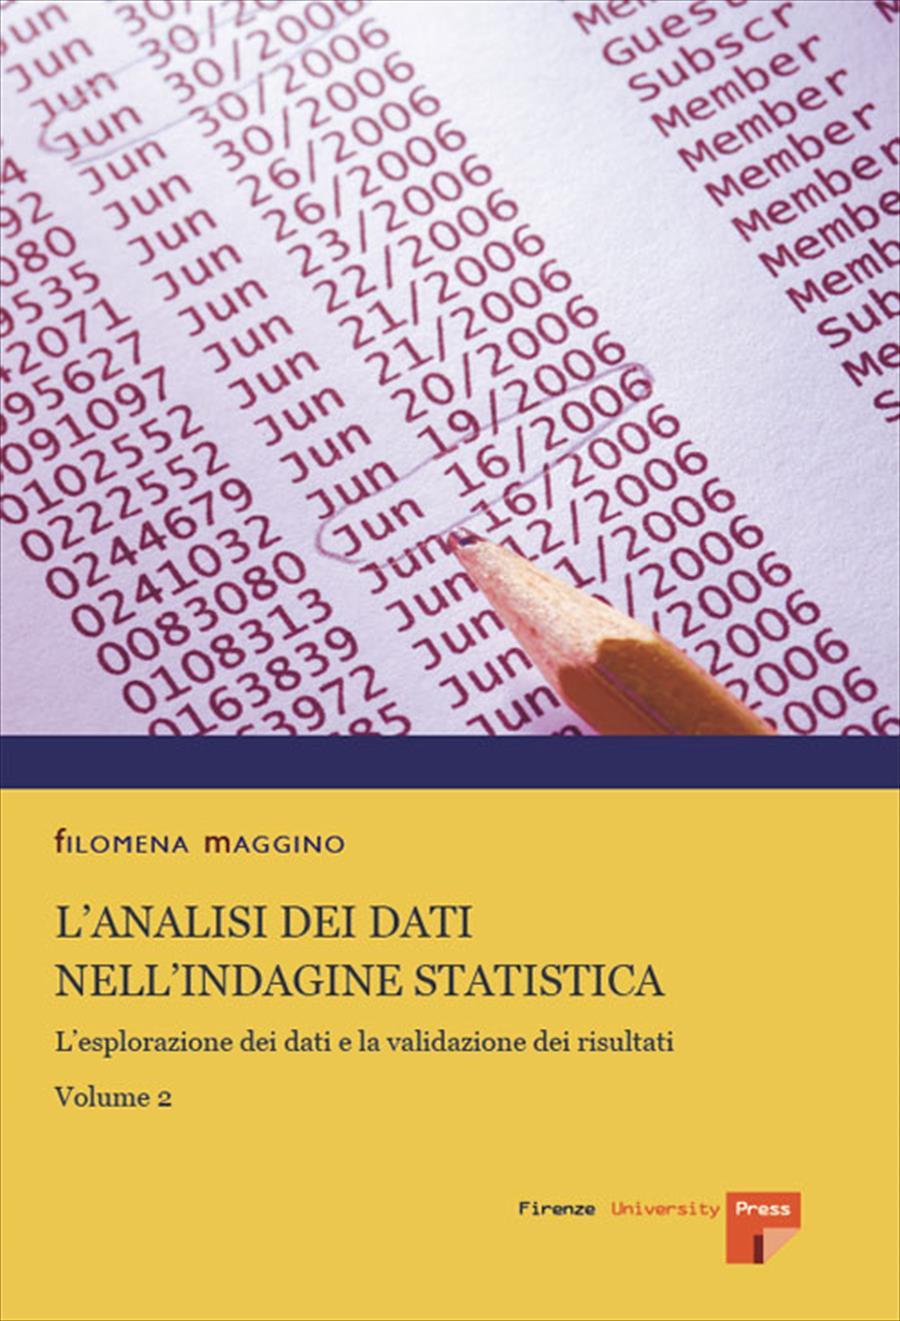 L'analisi dei dati nell'indagine statistica. Volume 2